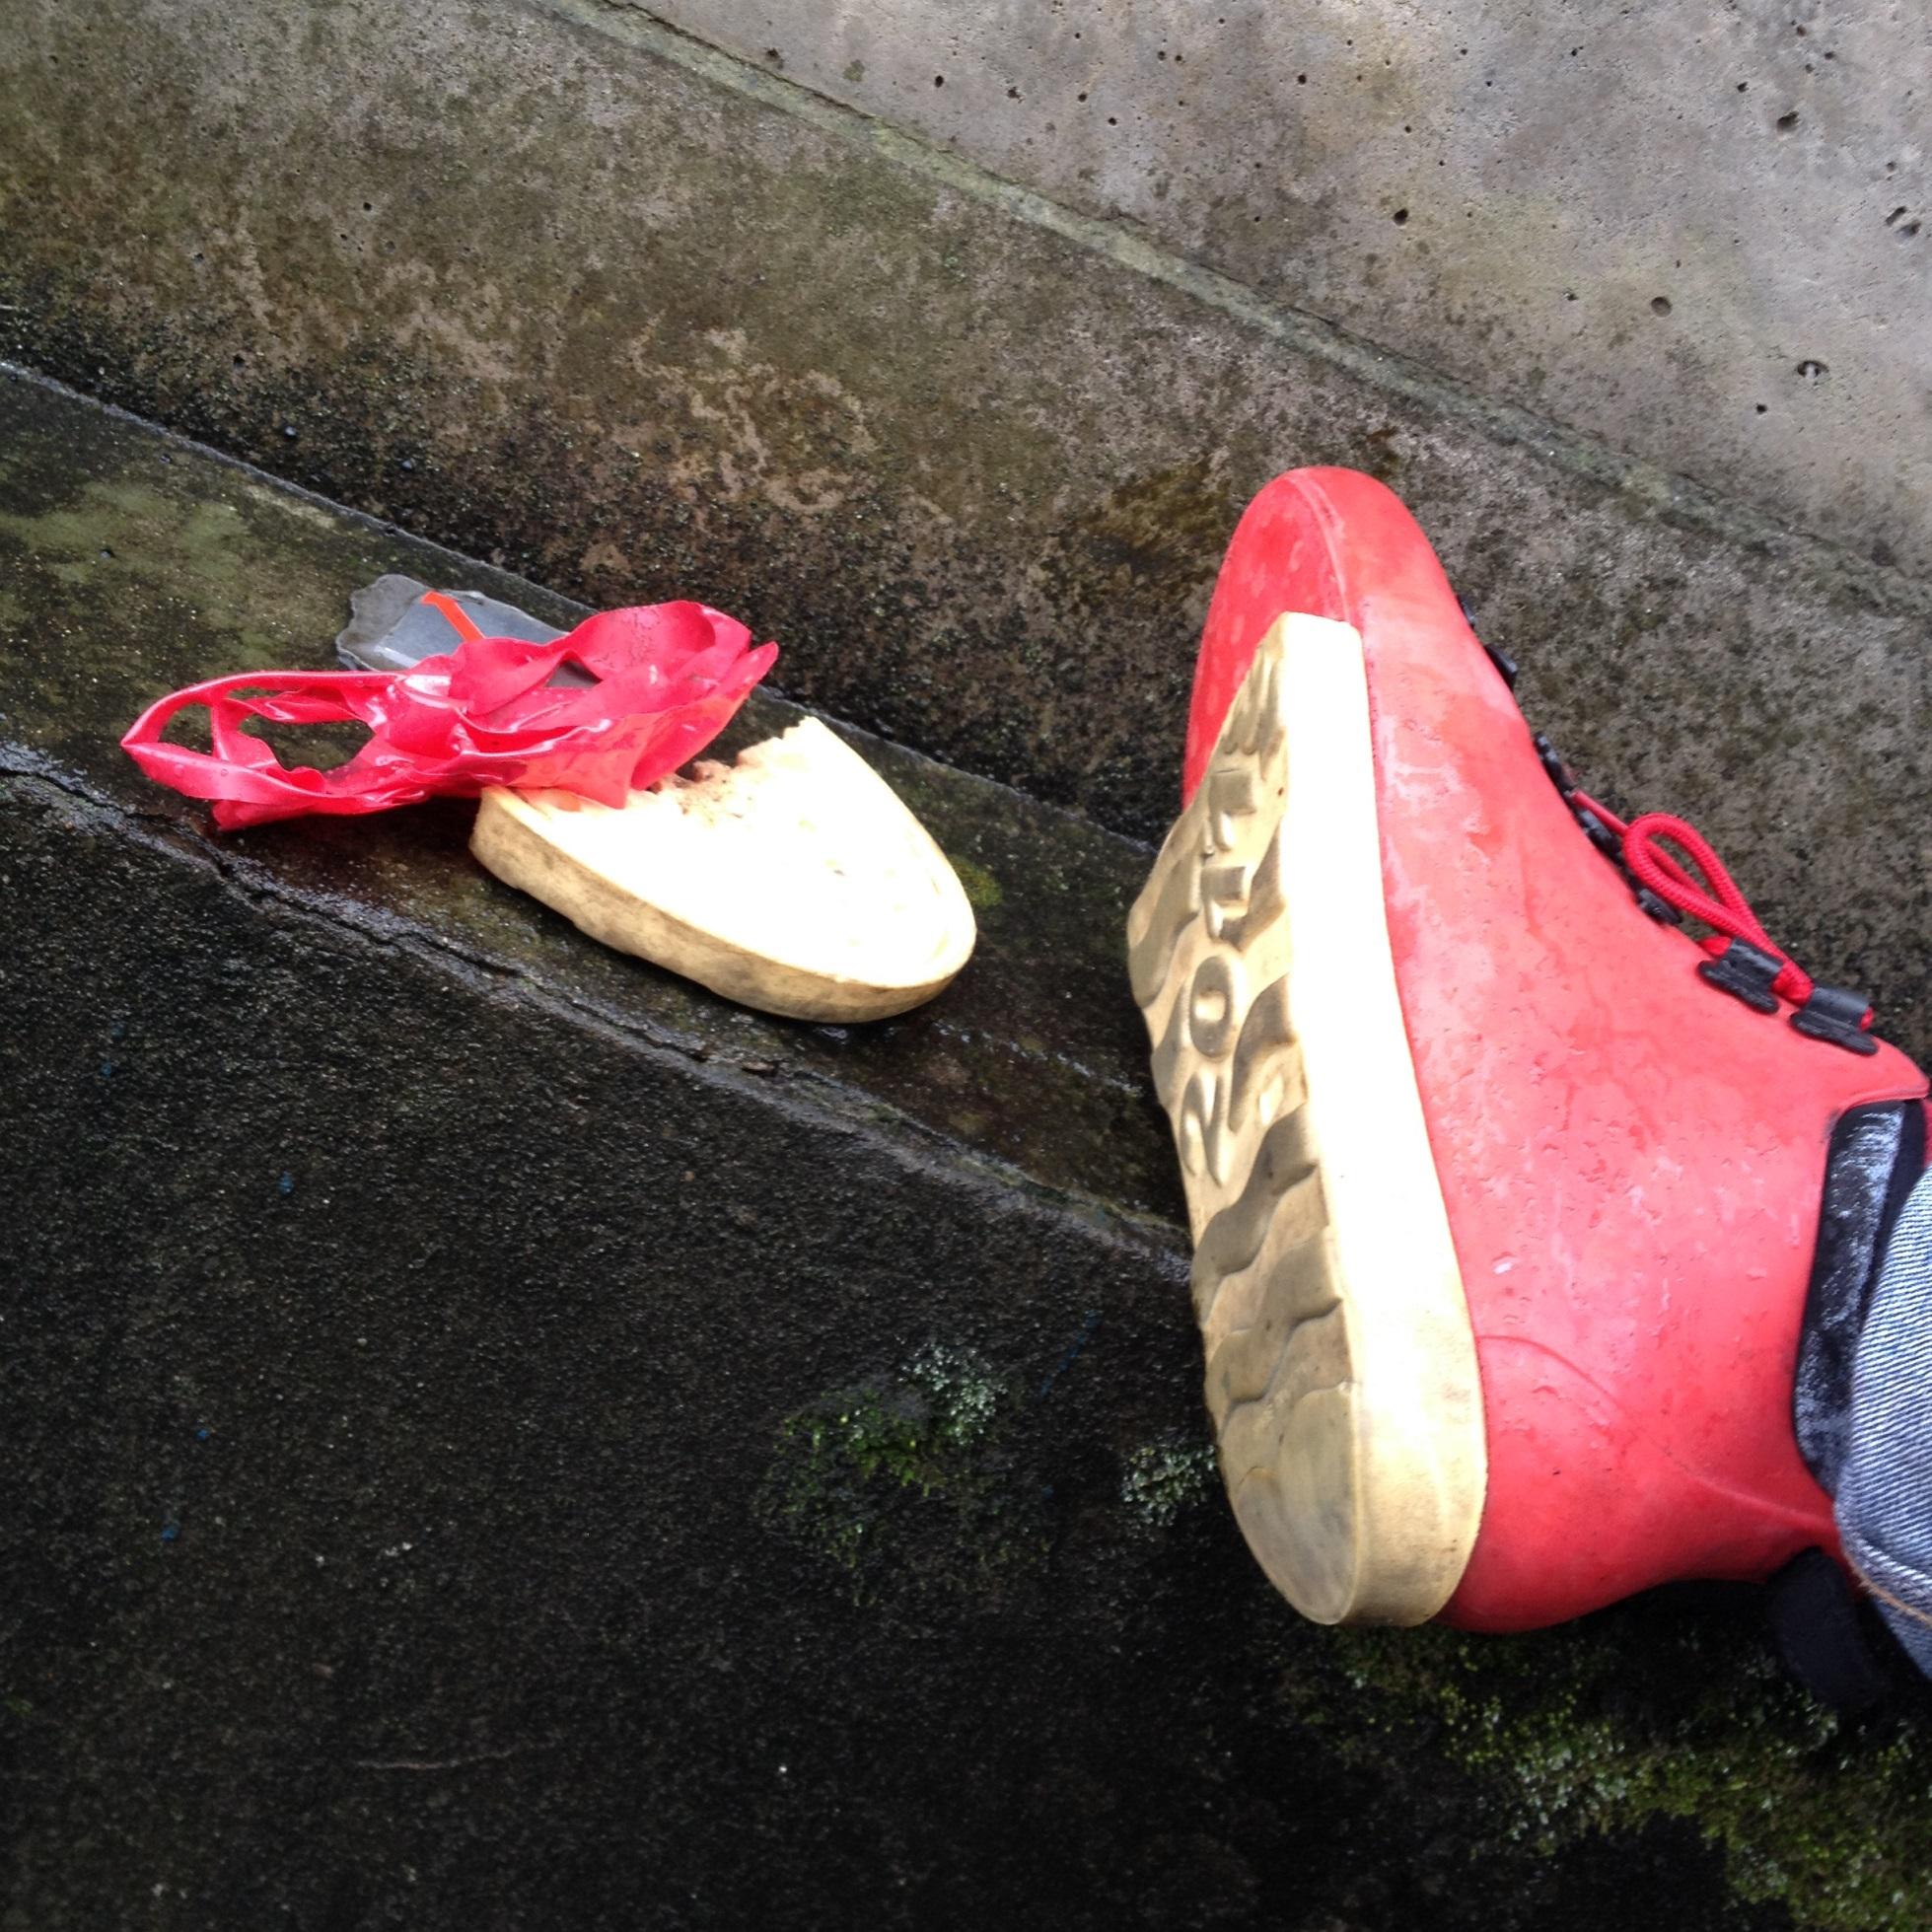 爪先底の剥がれた靴、応急修理崩壊完了